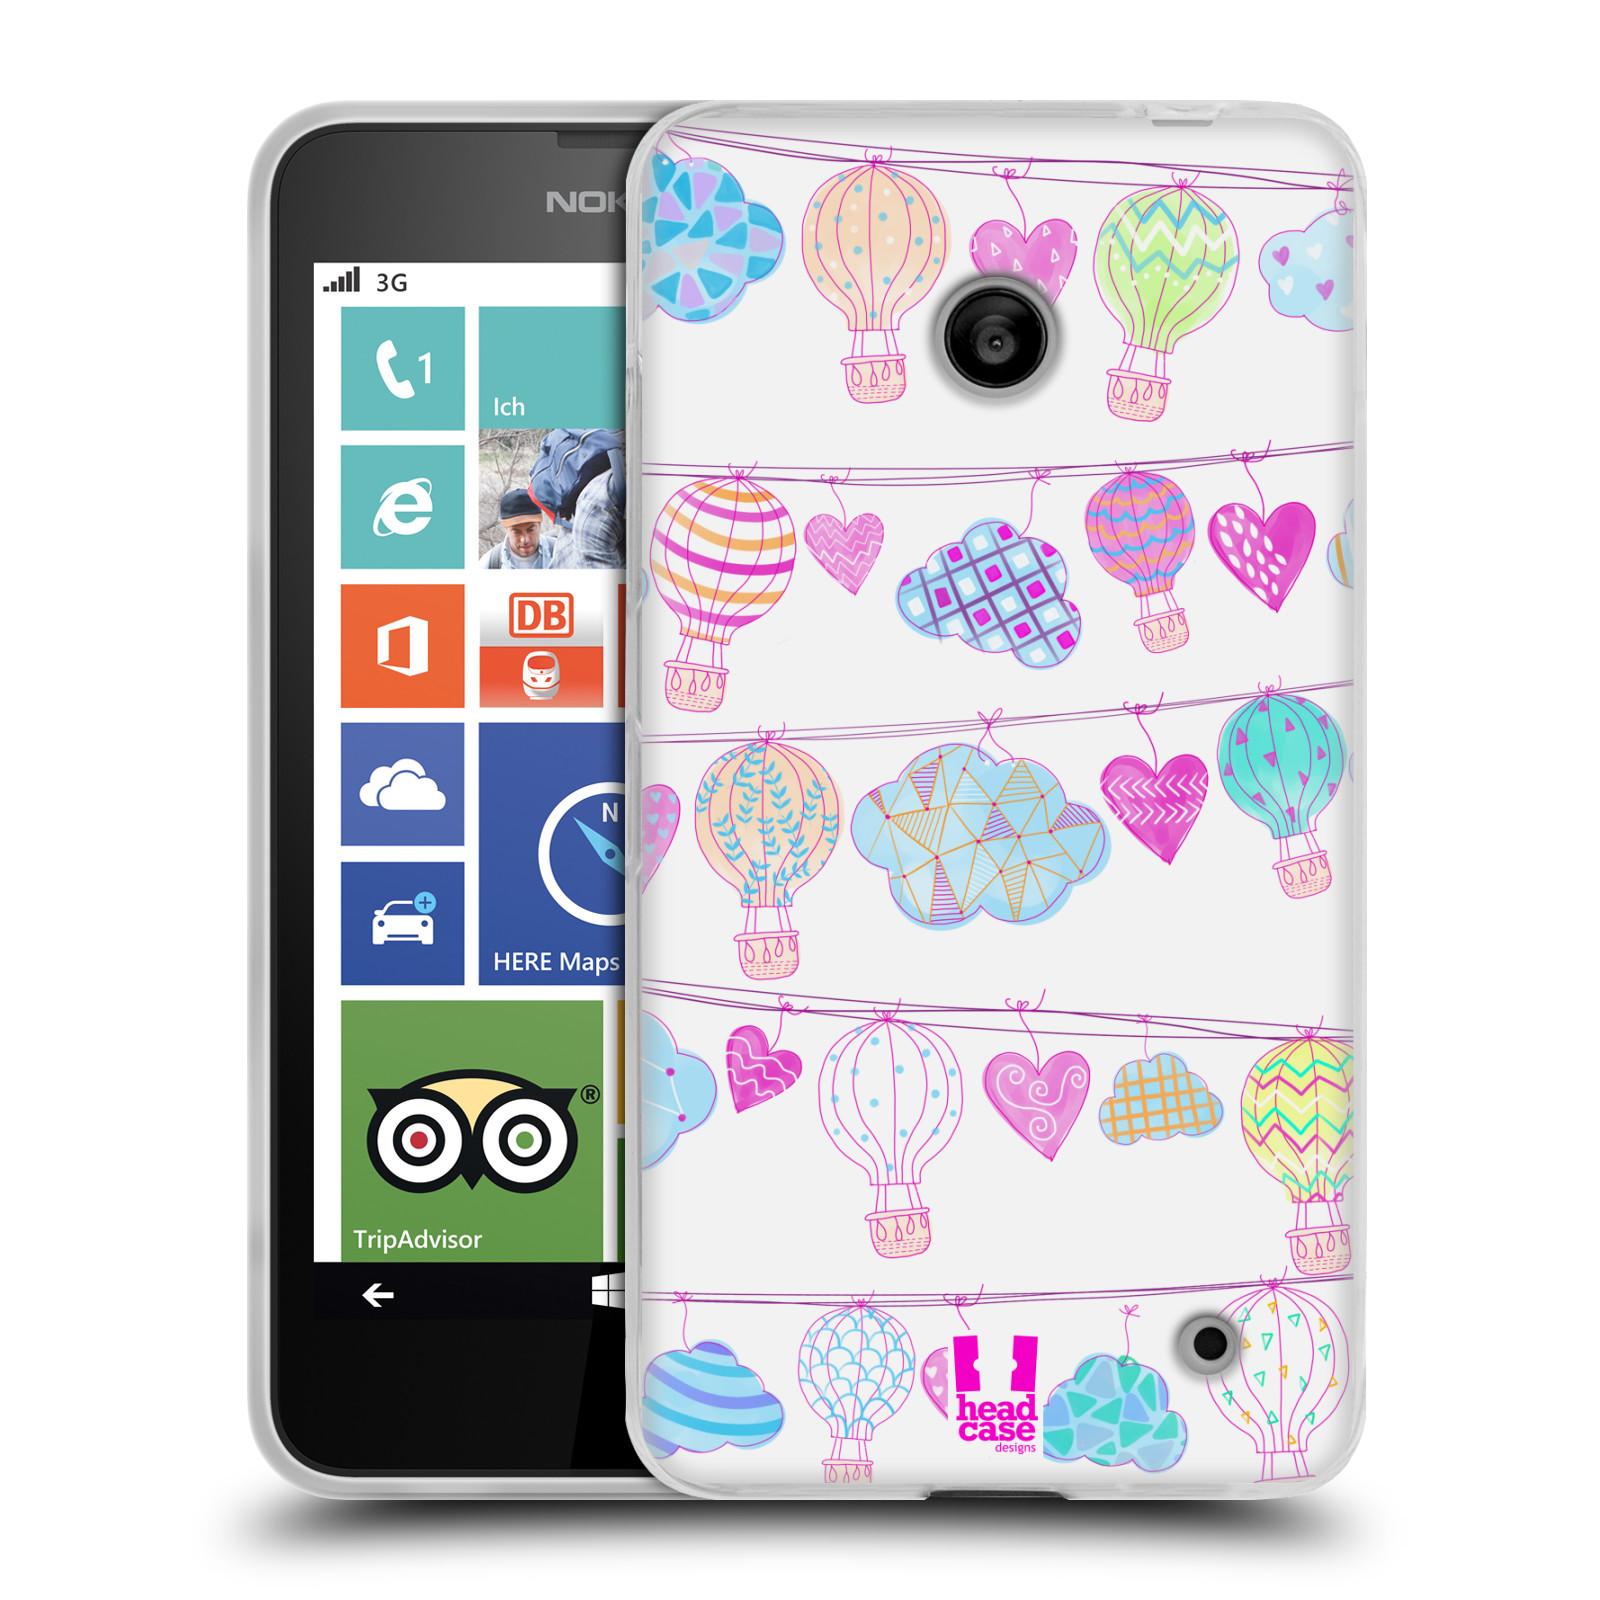 Silikonové pouzdro na mobil Nokia Lumia 630 HEAD CASE Balóny a srdíčka (Silikonový kryt či obal na mobilní telefon Nokia Lumia 630 a Nokia Lumia 630 Dual SIM)